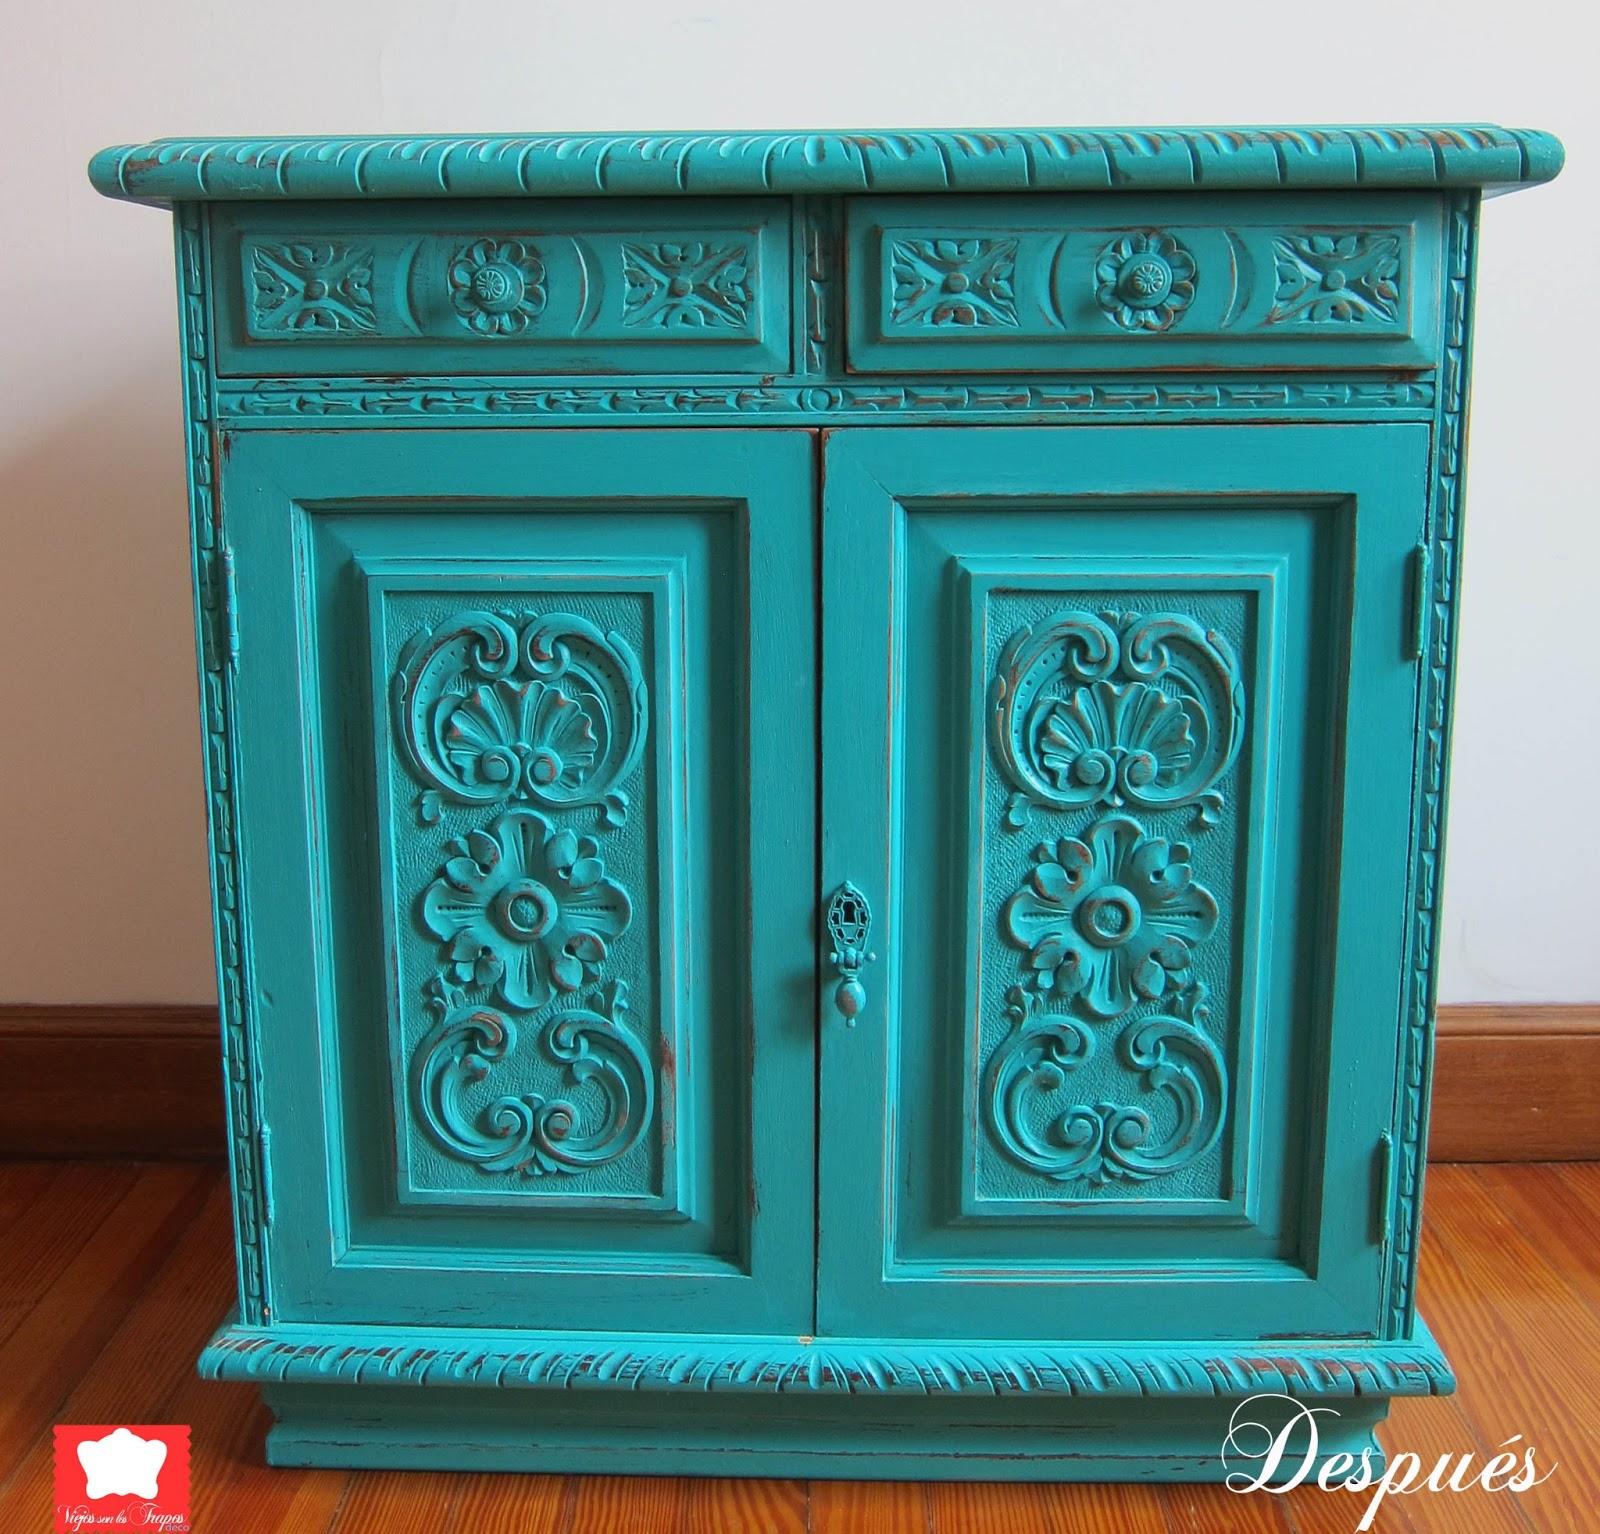 Reciclar muebles antiguos dise os arquitect nicos - Reciclar muebles antiguos ...